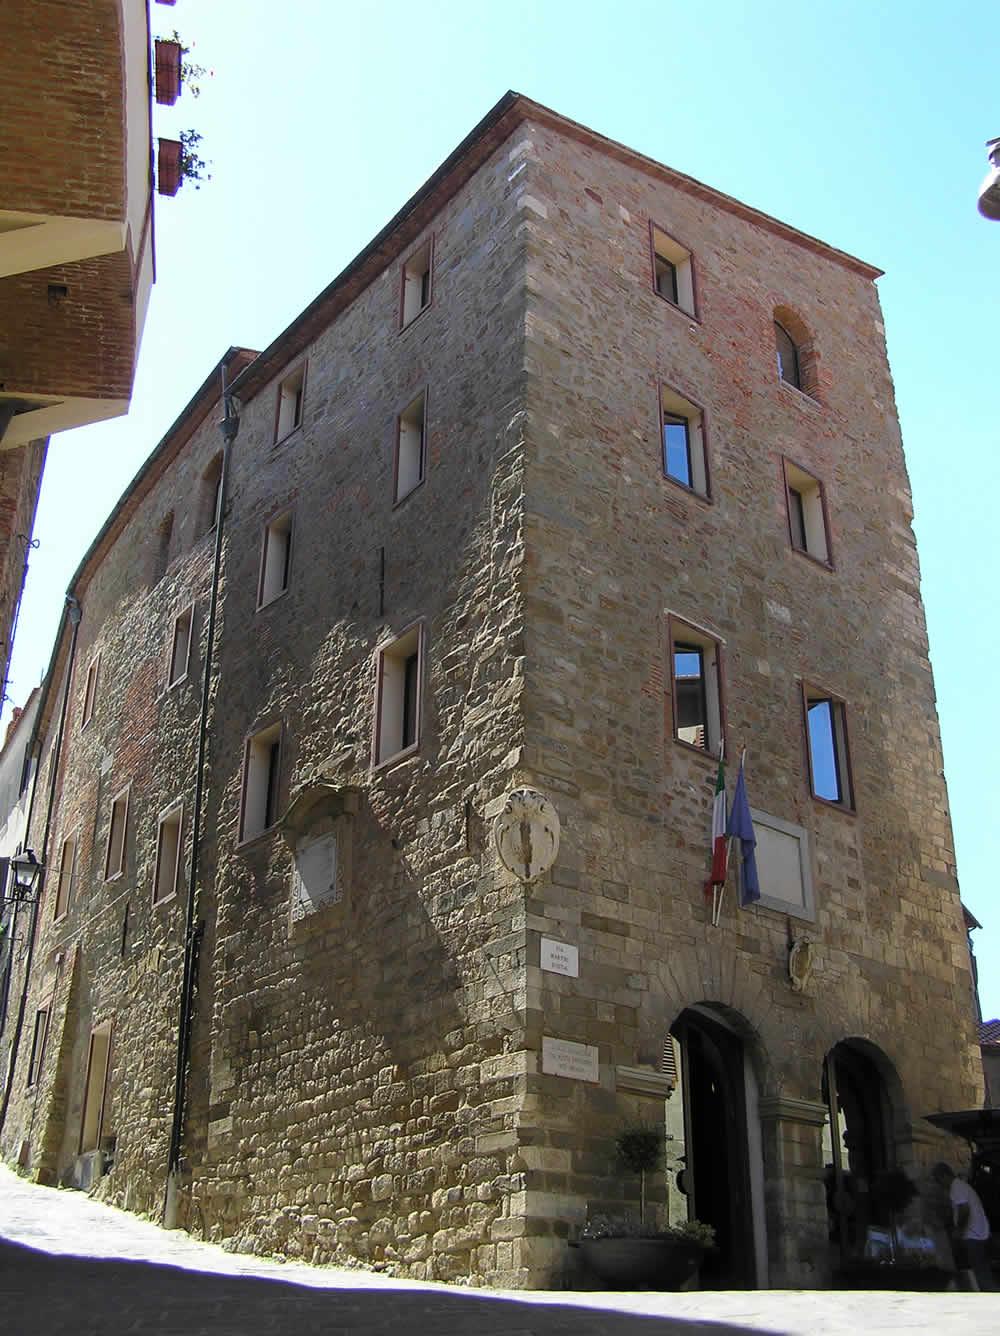 Palazzo Comunale, Scarlino, Grosseto. Author and Copyright Marco Ramerini